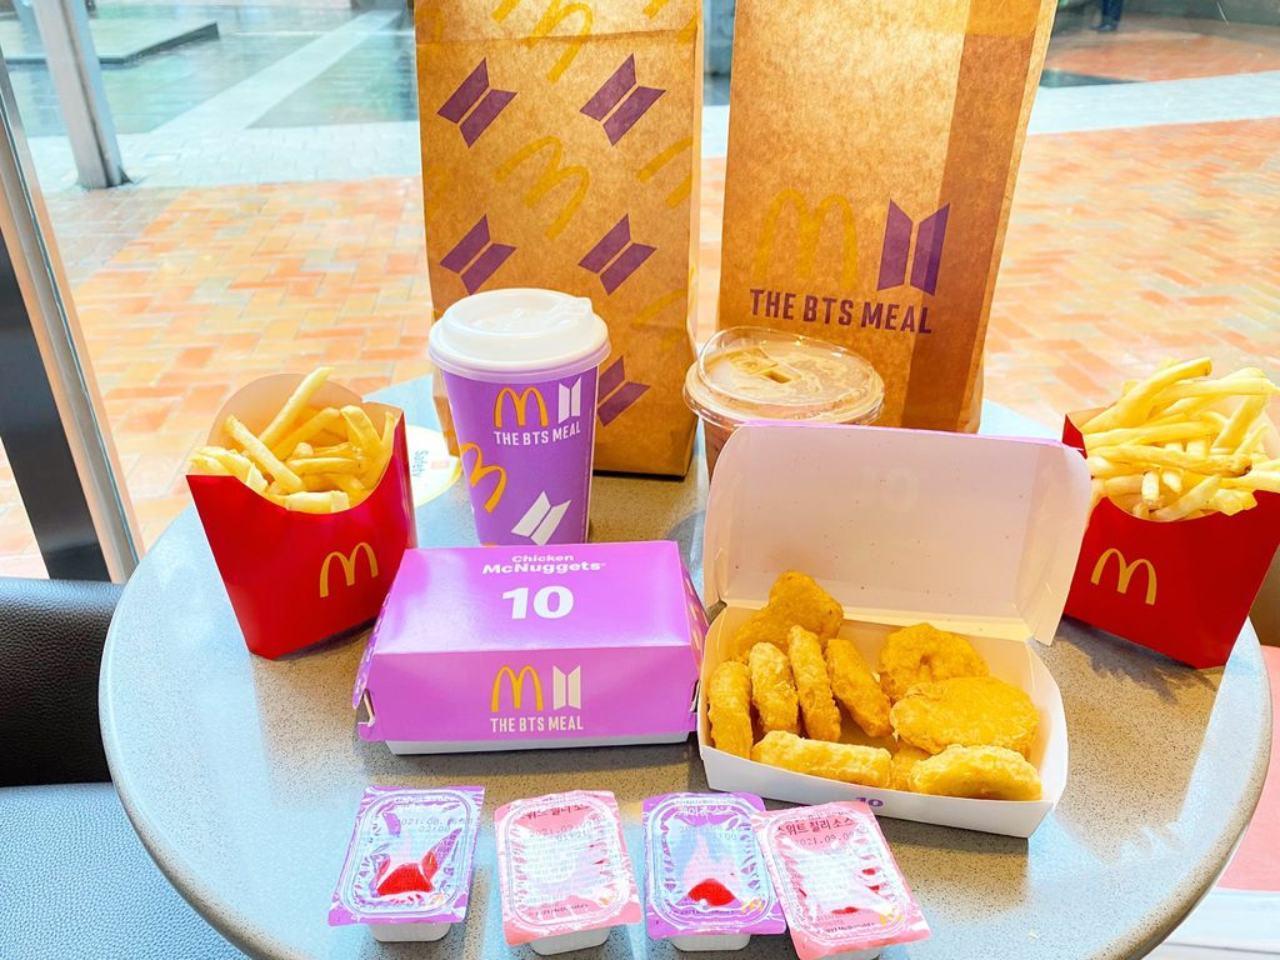 BTS Meal Mexico cuanto cuesta